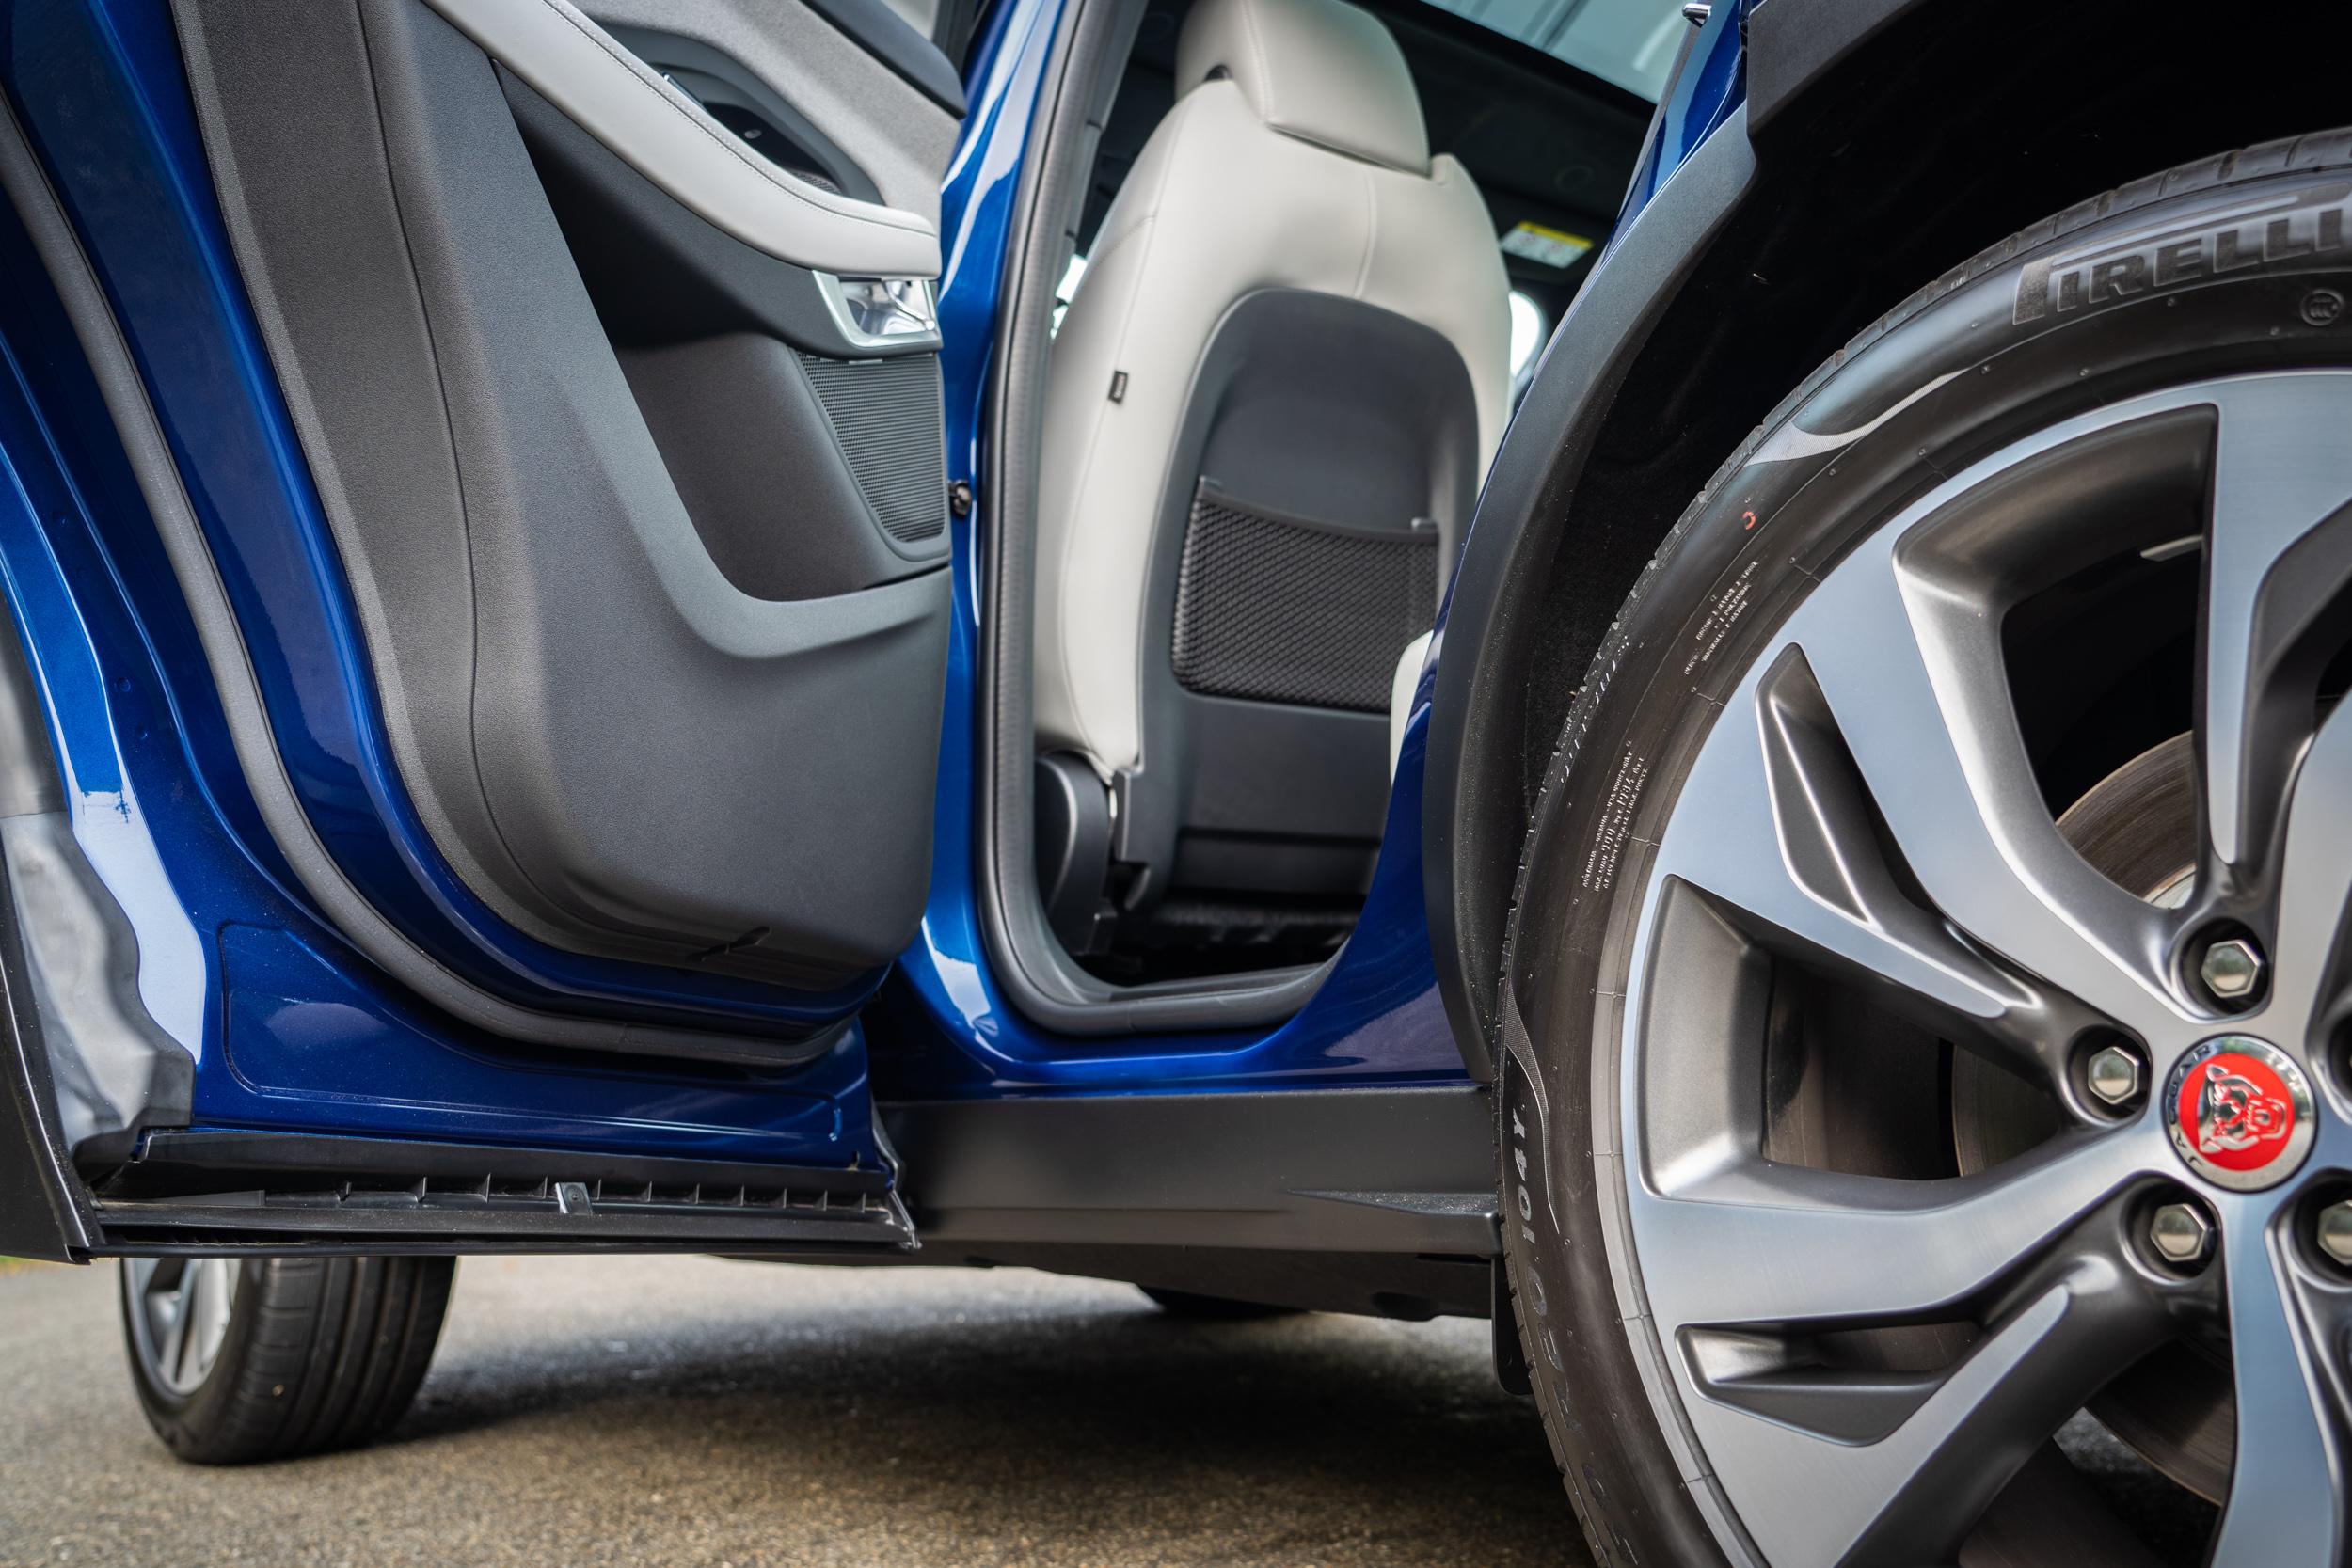 採全包式車門,上下車時可有效避免腿部髒污。